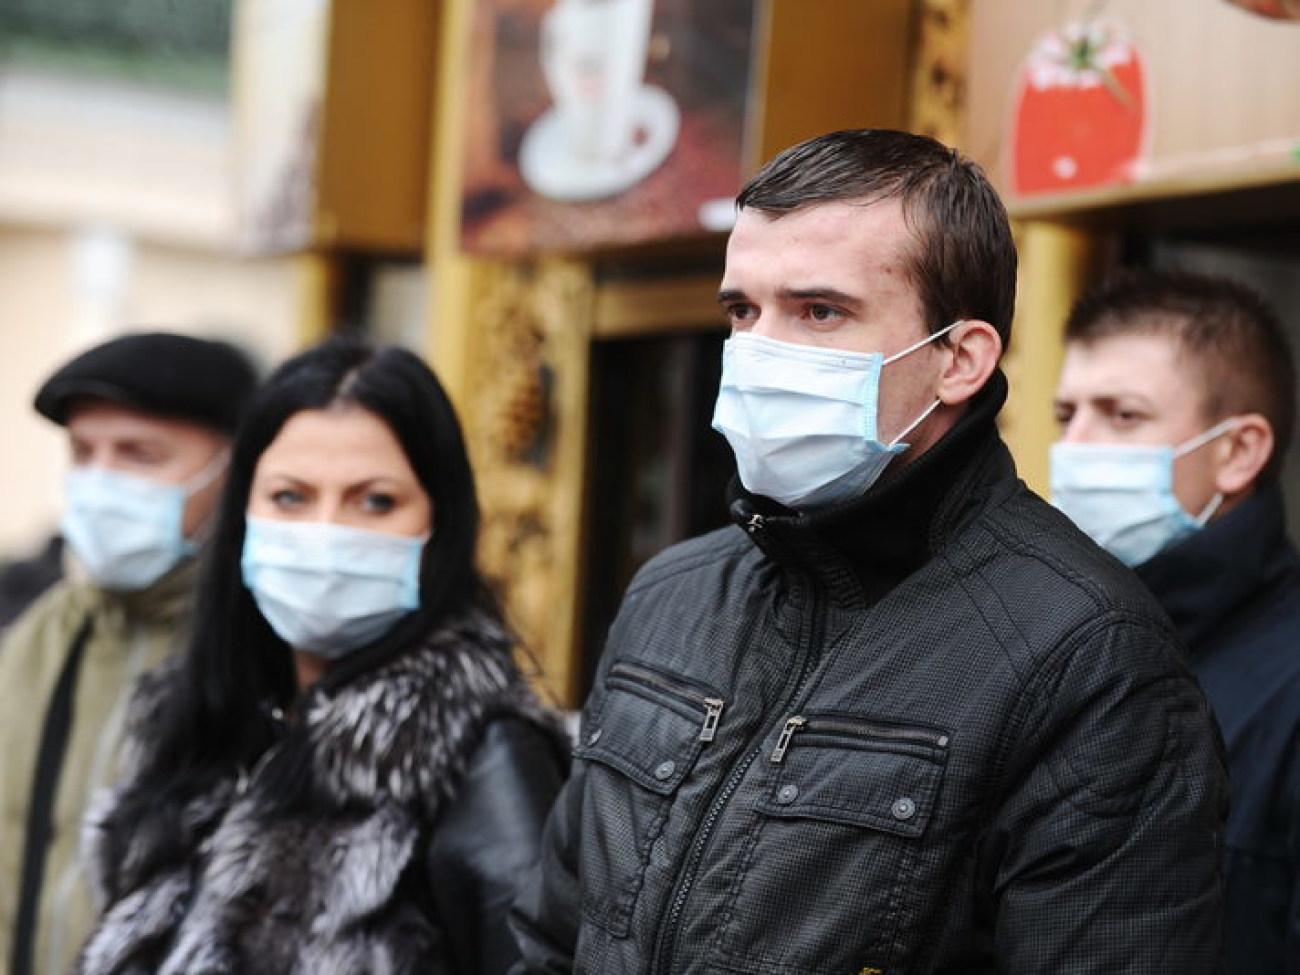 МВД: маски не влияют на распознавание лиц при помощи видеонаблюдения